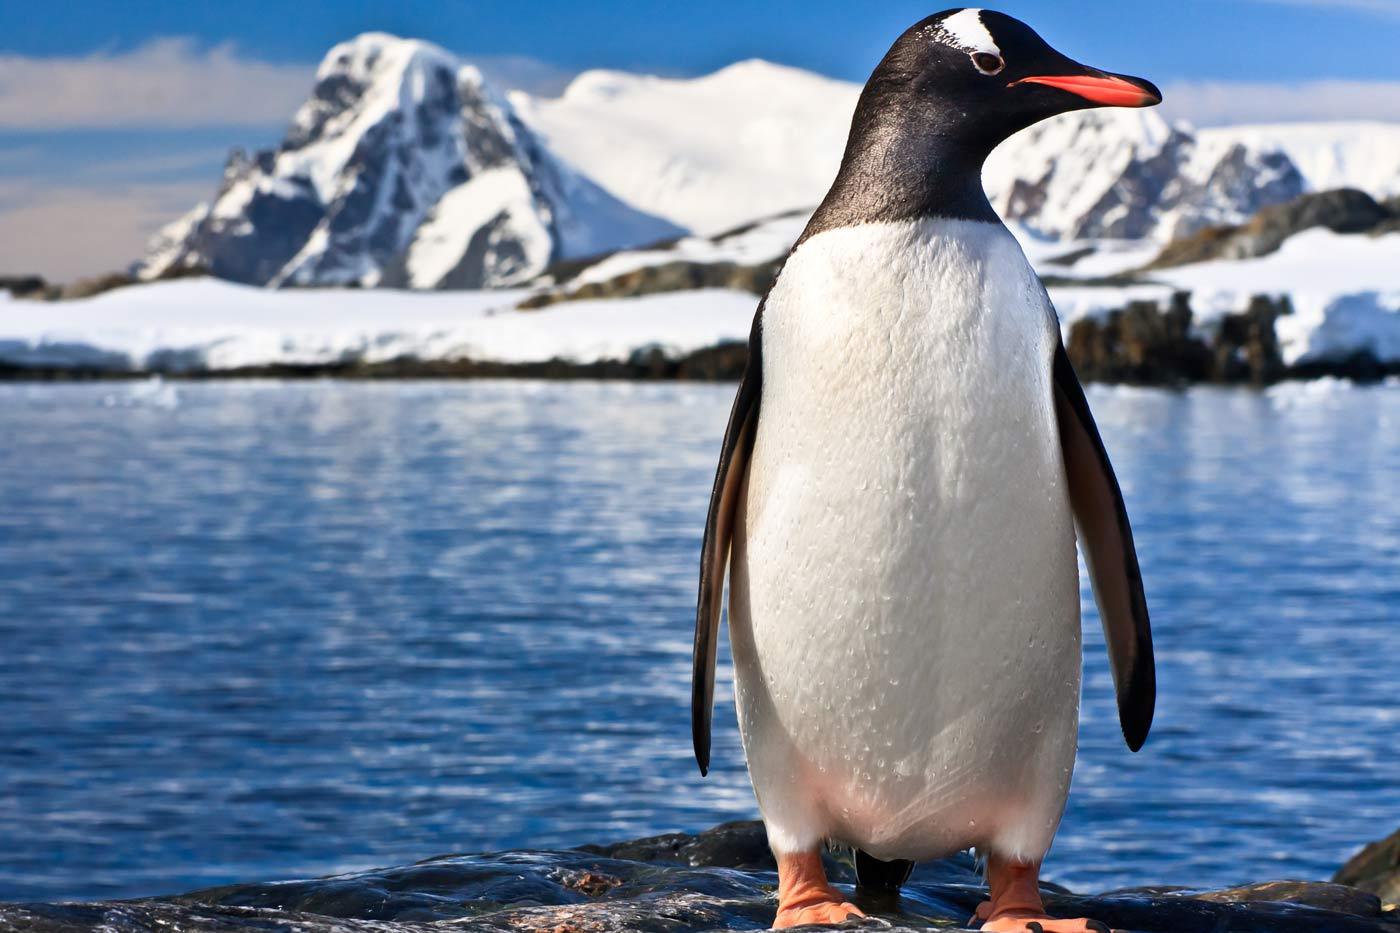 Πιγκουίνοι, 14 πράγματα που δεν ξέρατε για τα υπέροχα αυτά πλάσματα